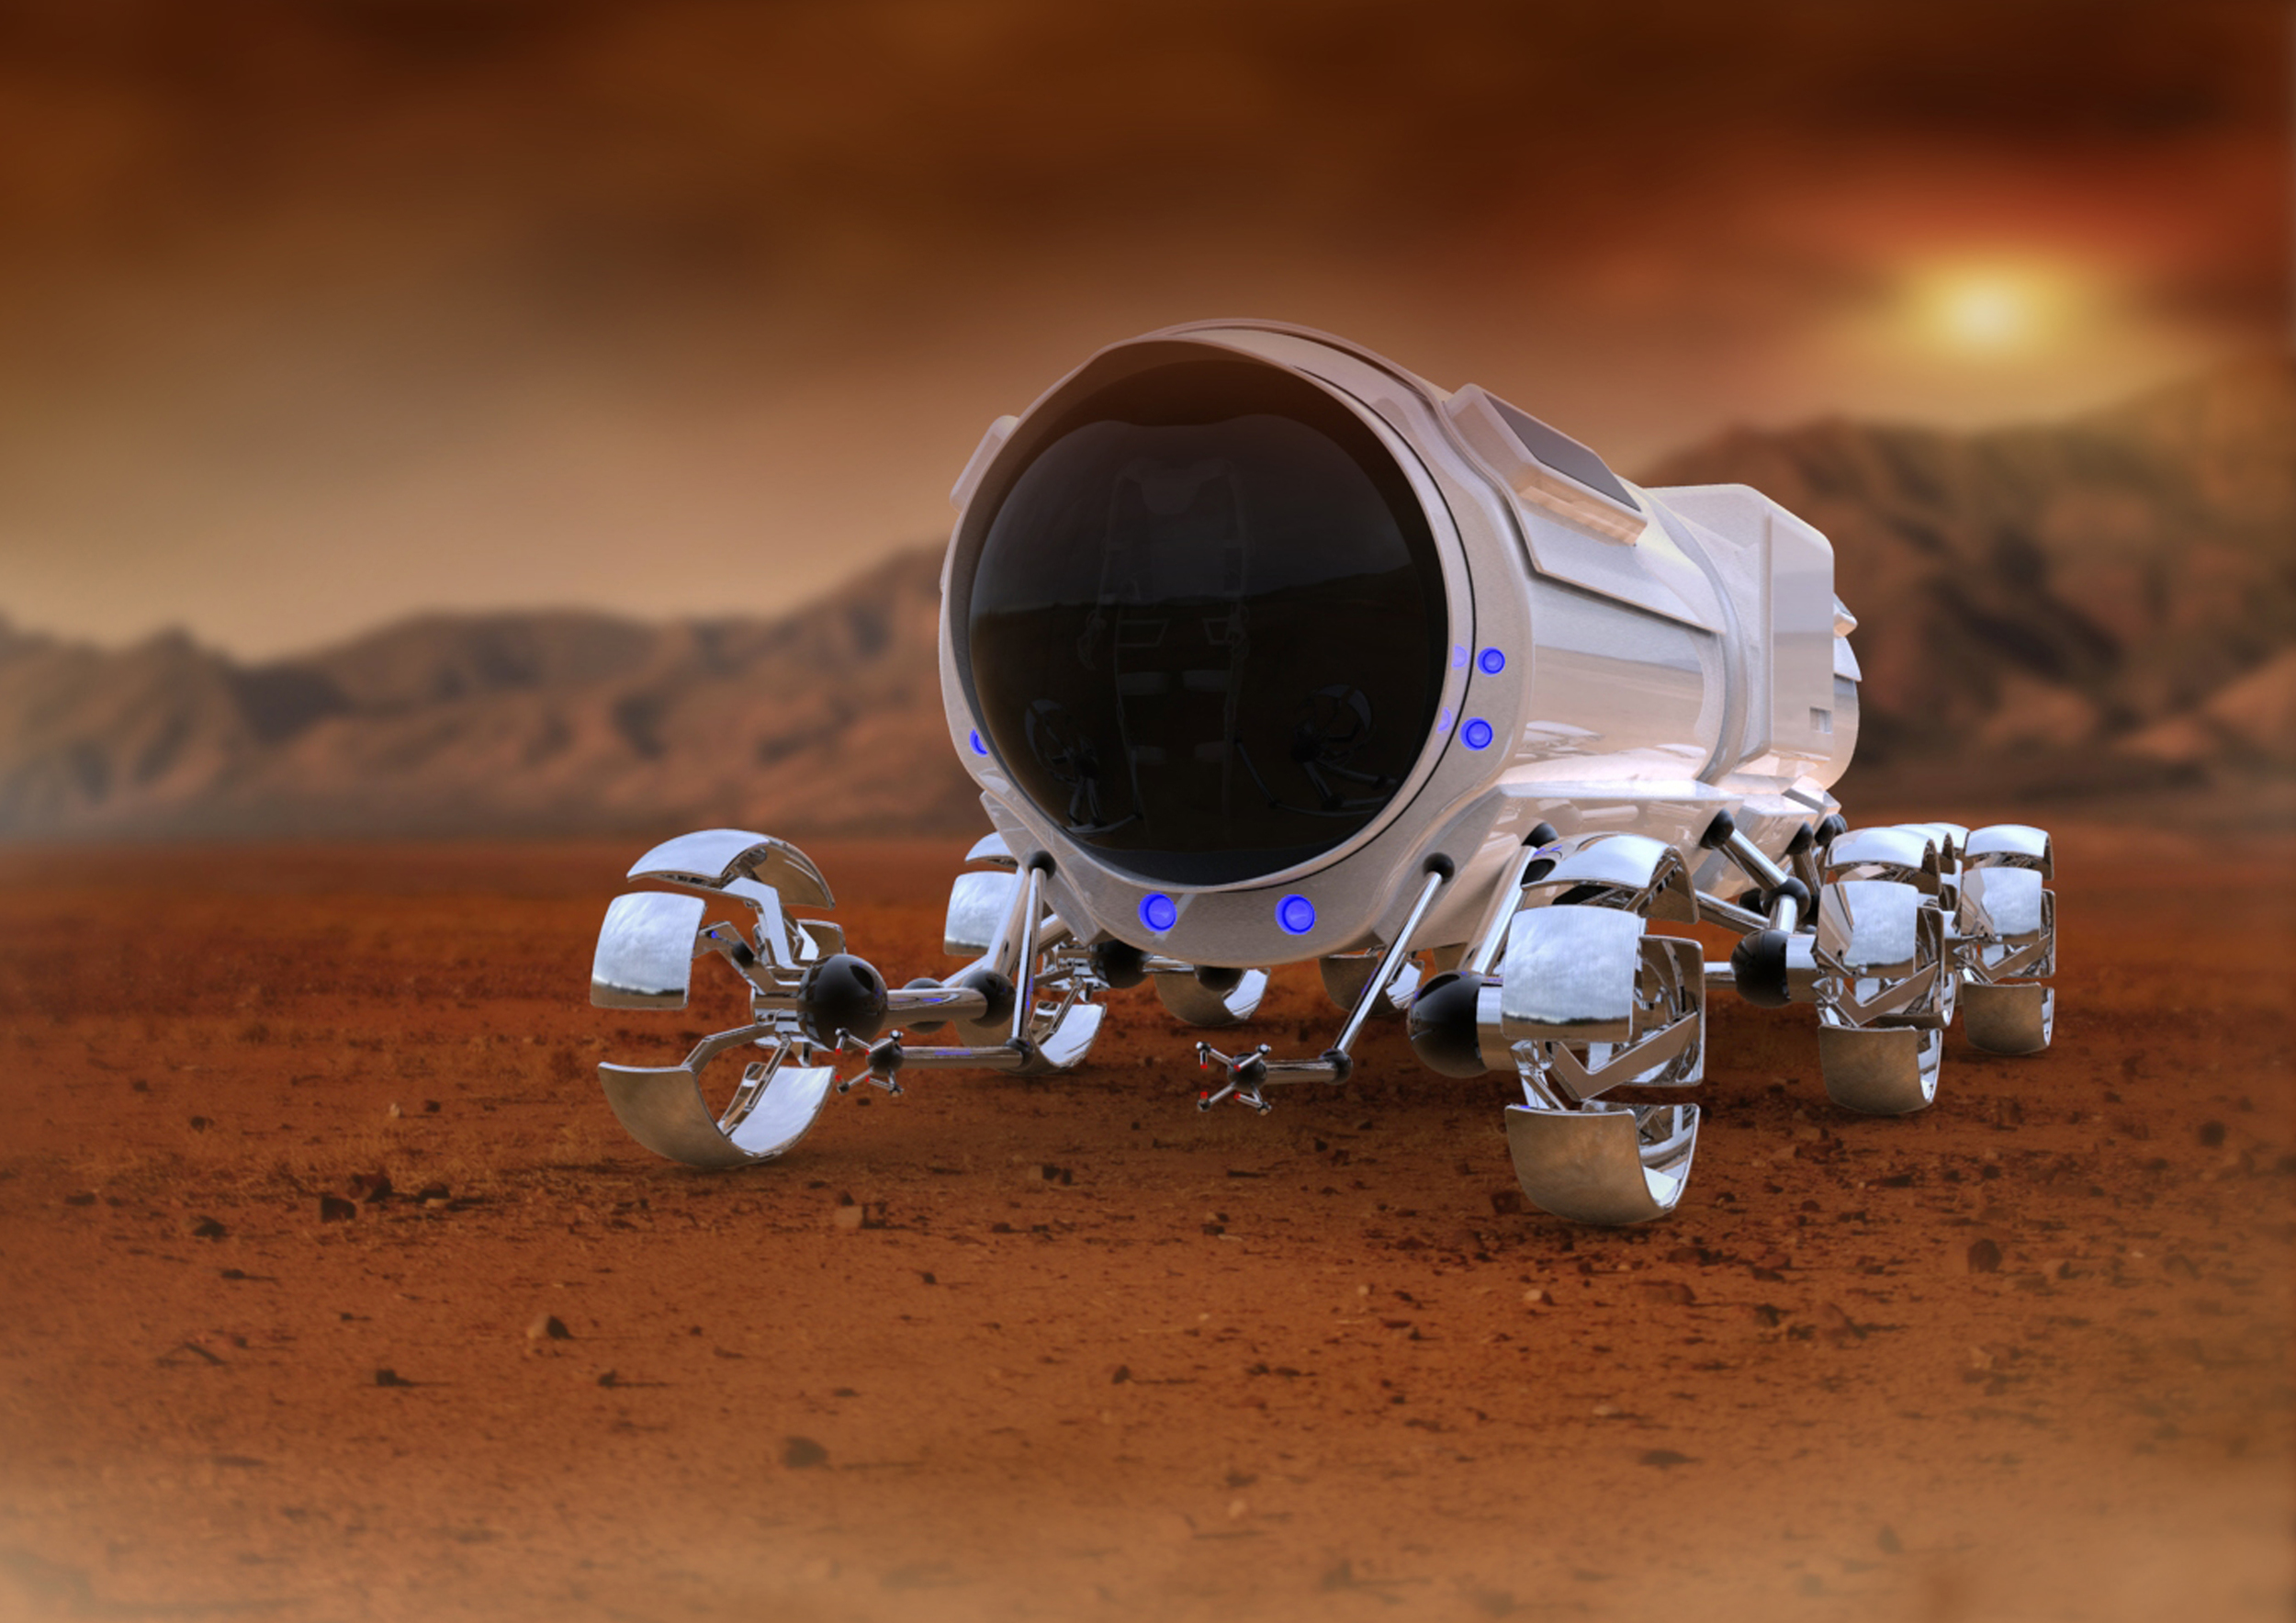 Mars+Rover.jpg